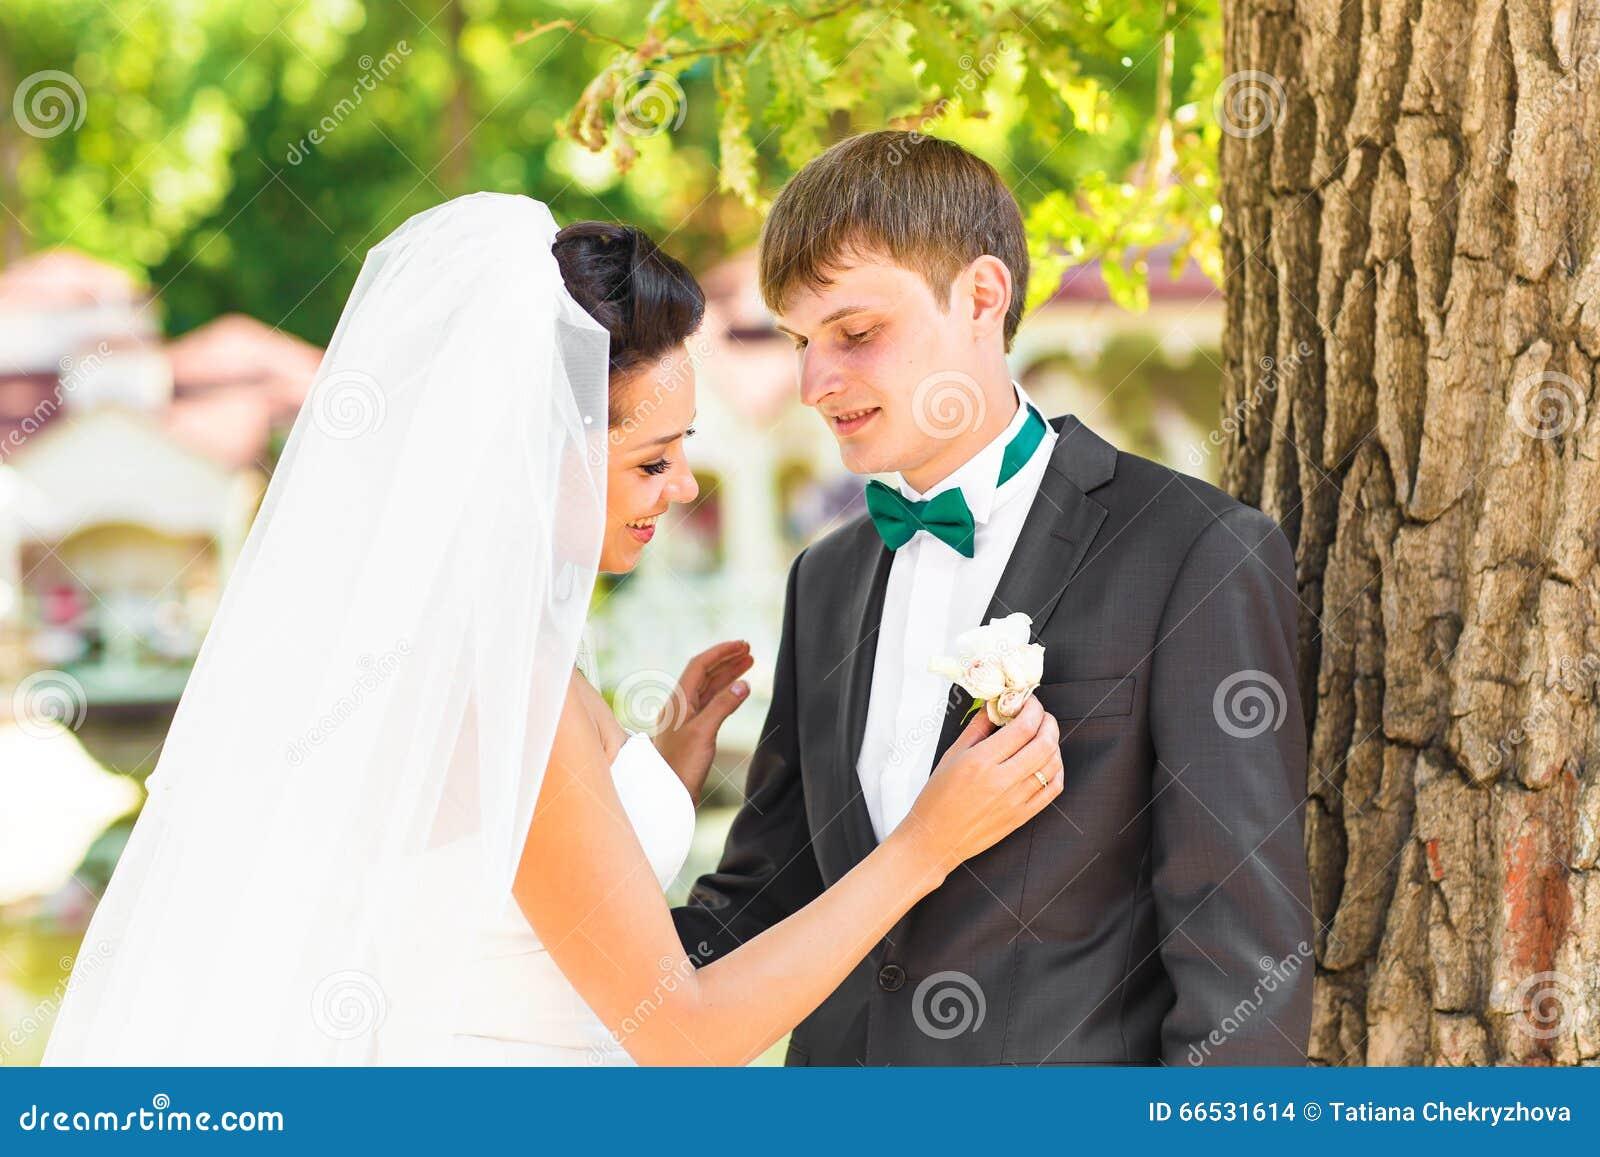 Schone Hochzeit Ehemann Und Frau Liebhaber Bemannen Frau Braut